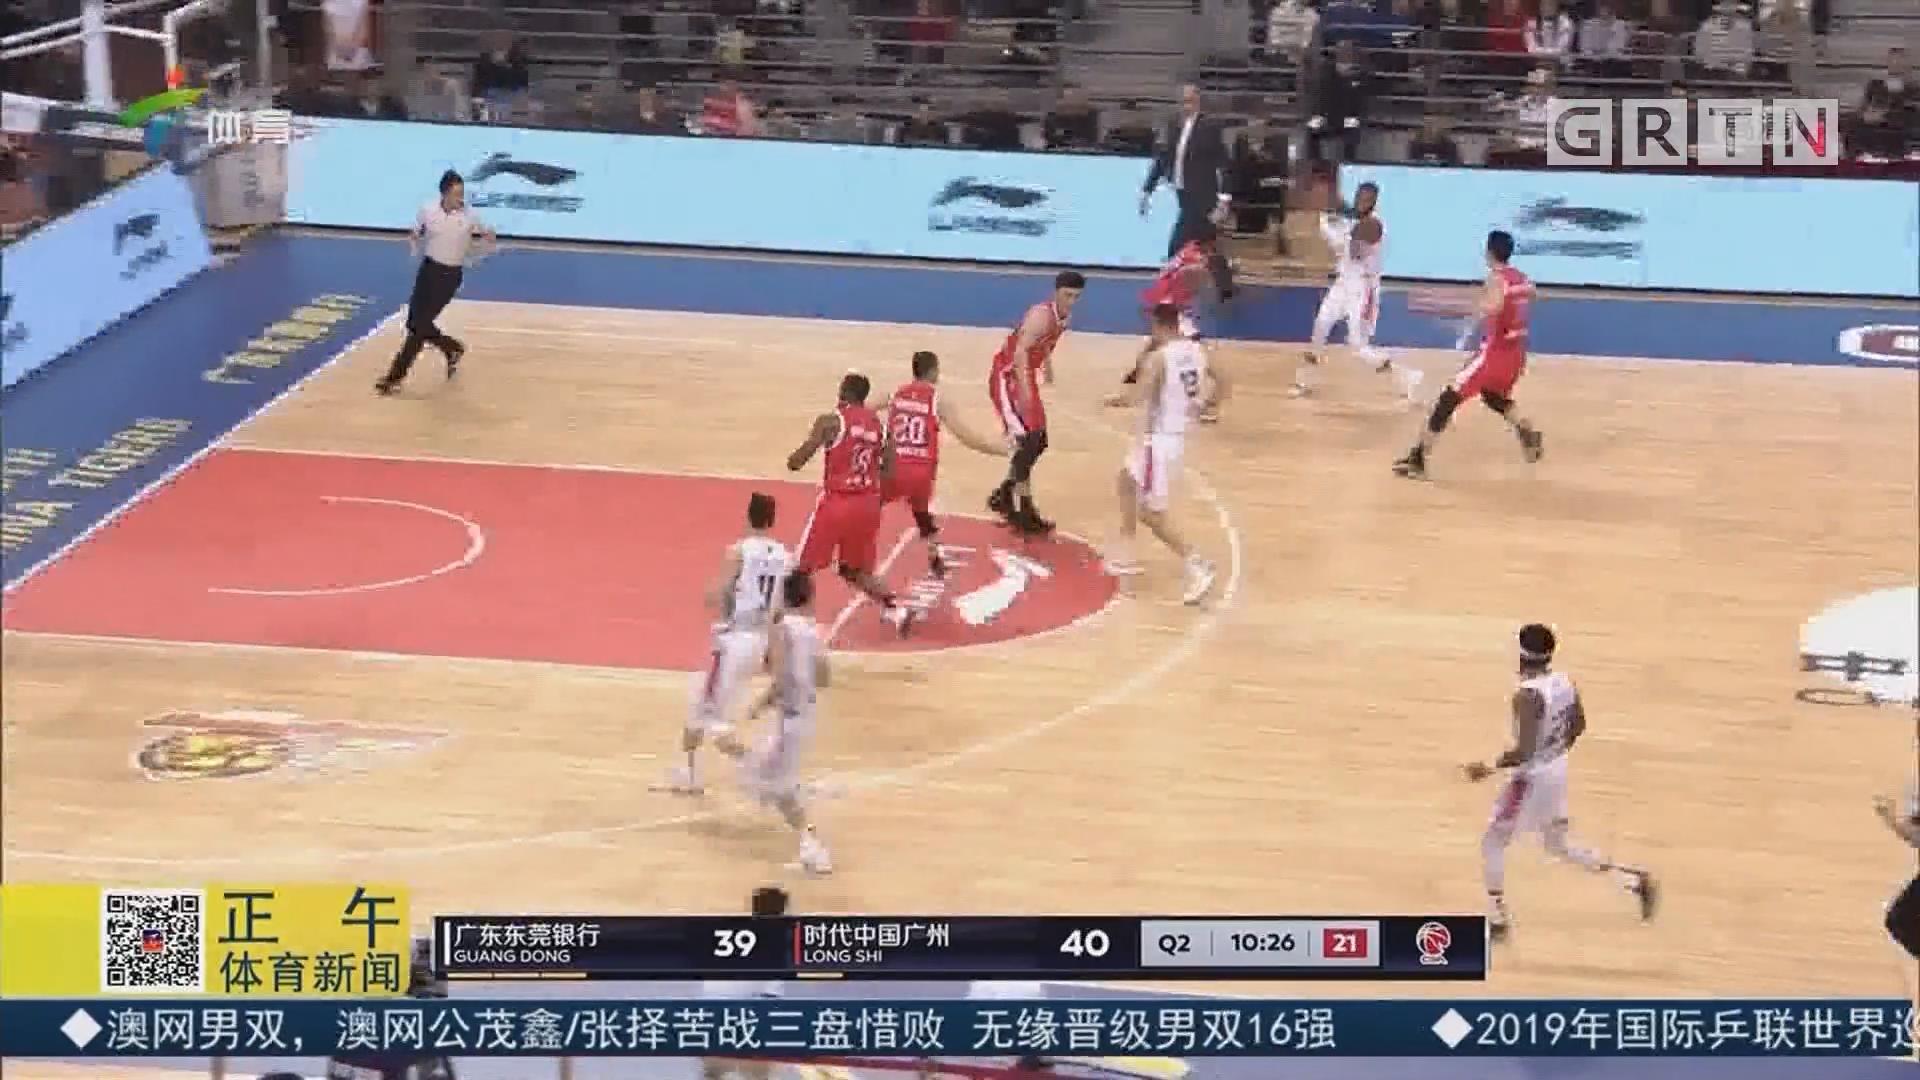 广东德比 双外援合砍56分 广东战胜广州